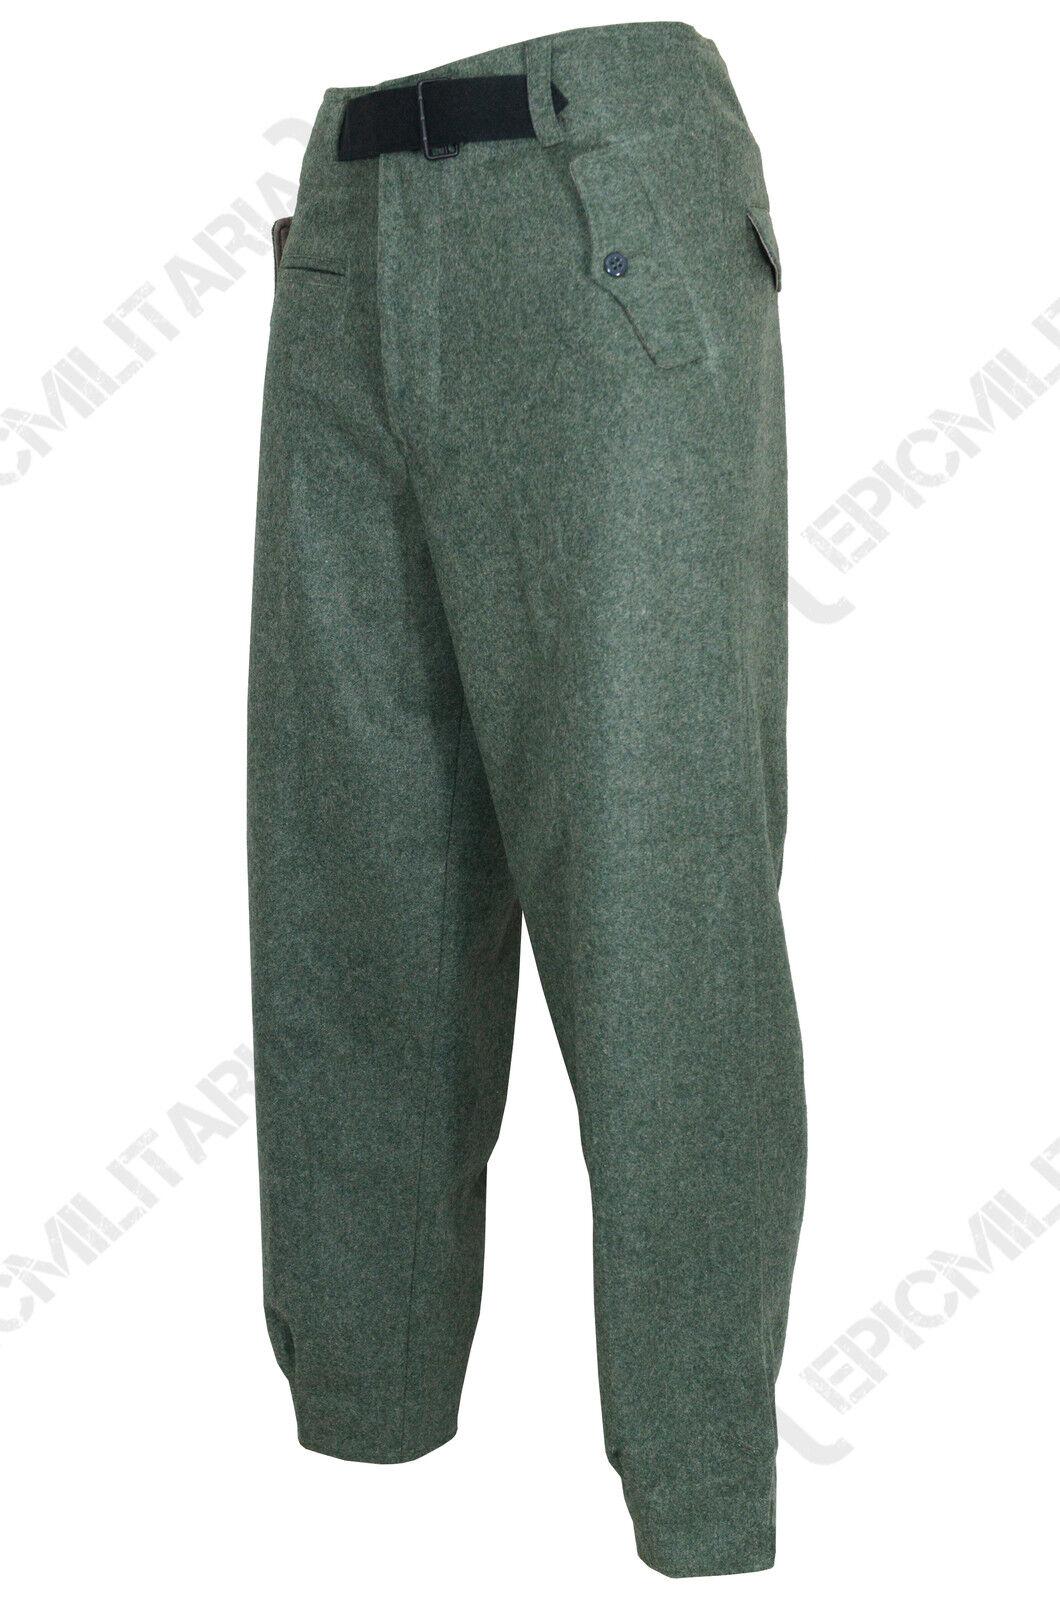 Armée allemande panzer Pantalons FIELD grey LAINE - Toutes sizes - WW2 REPRO